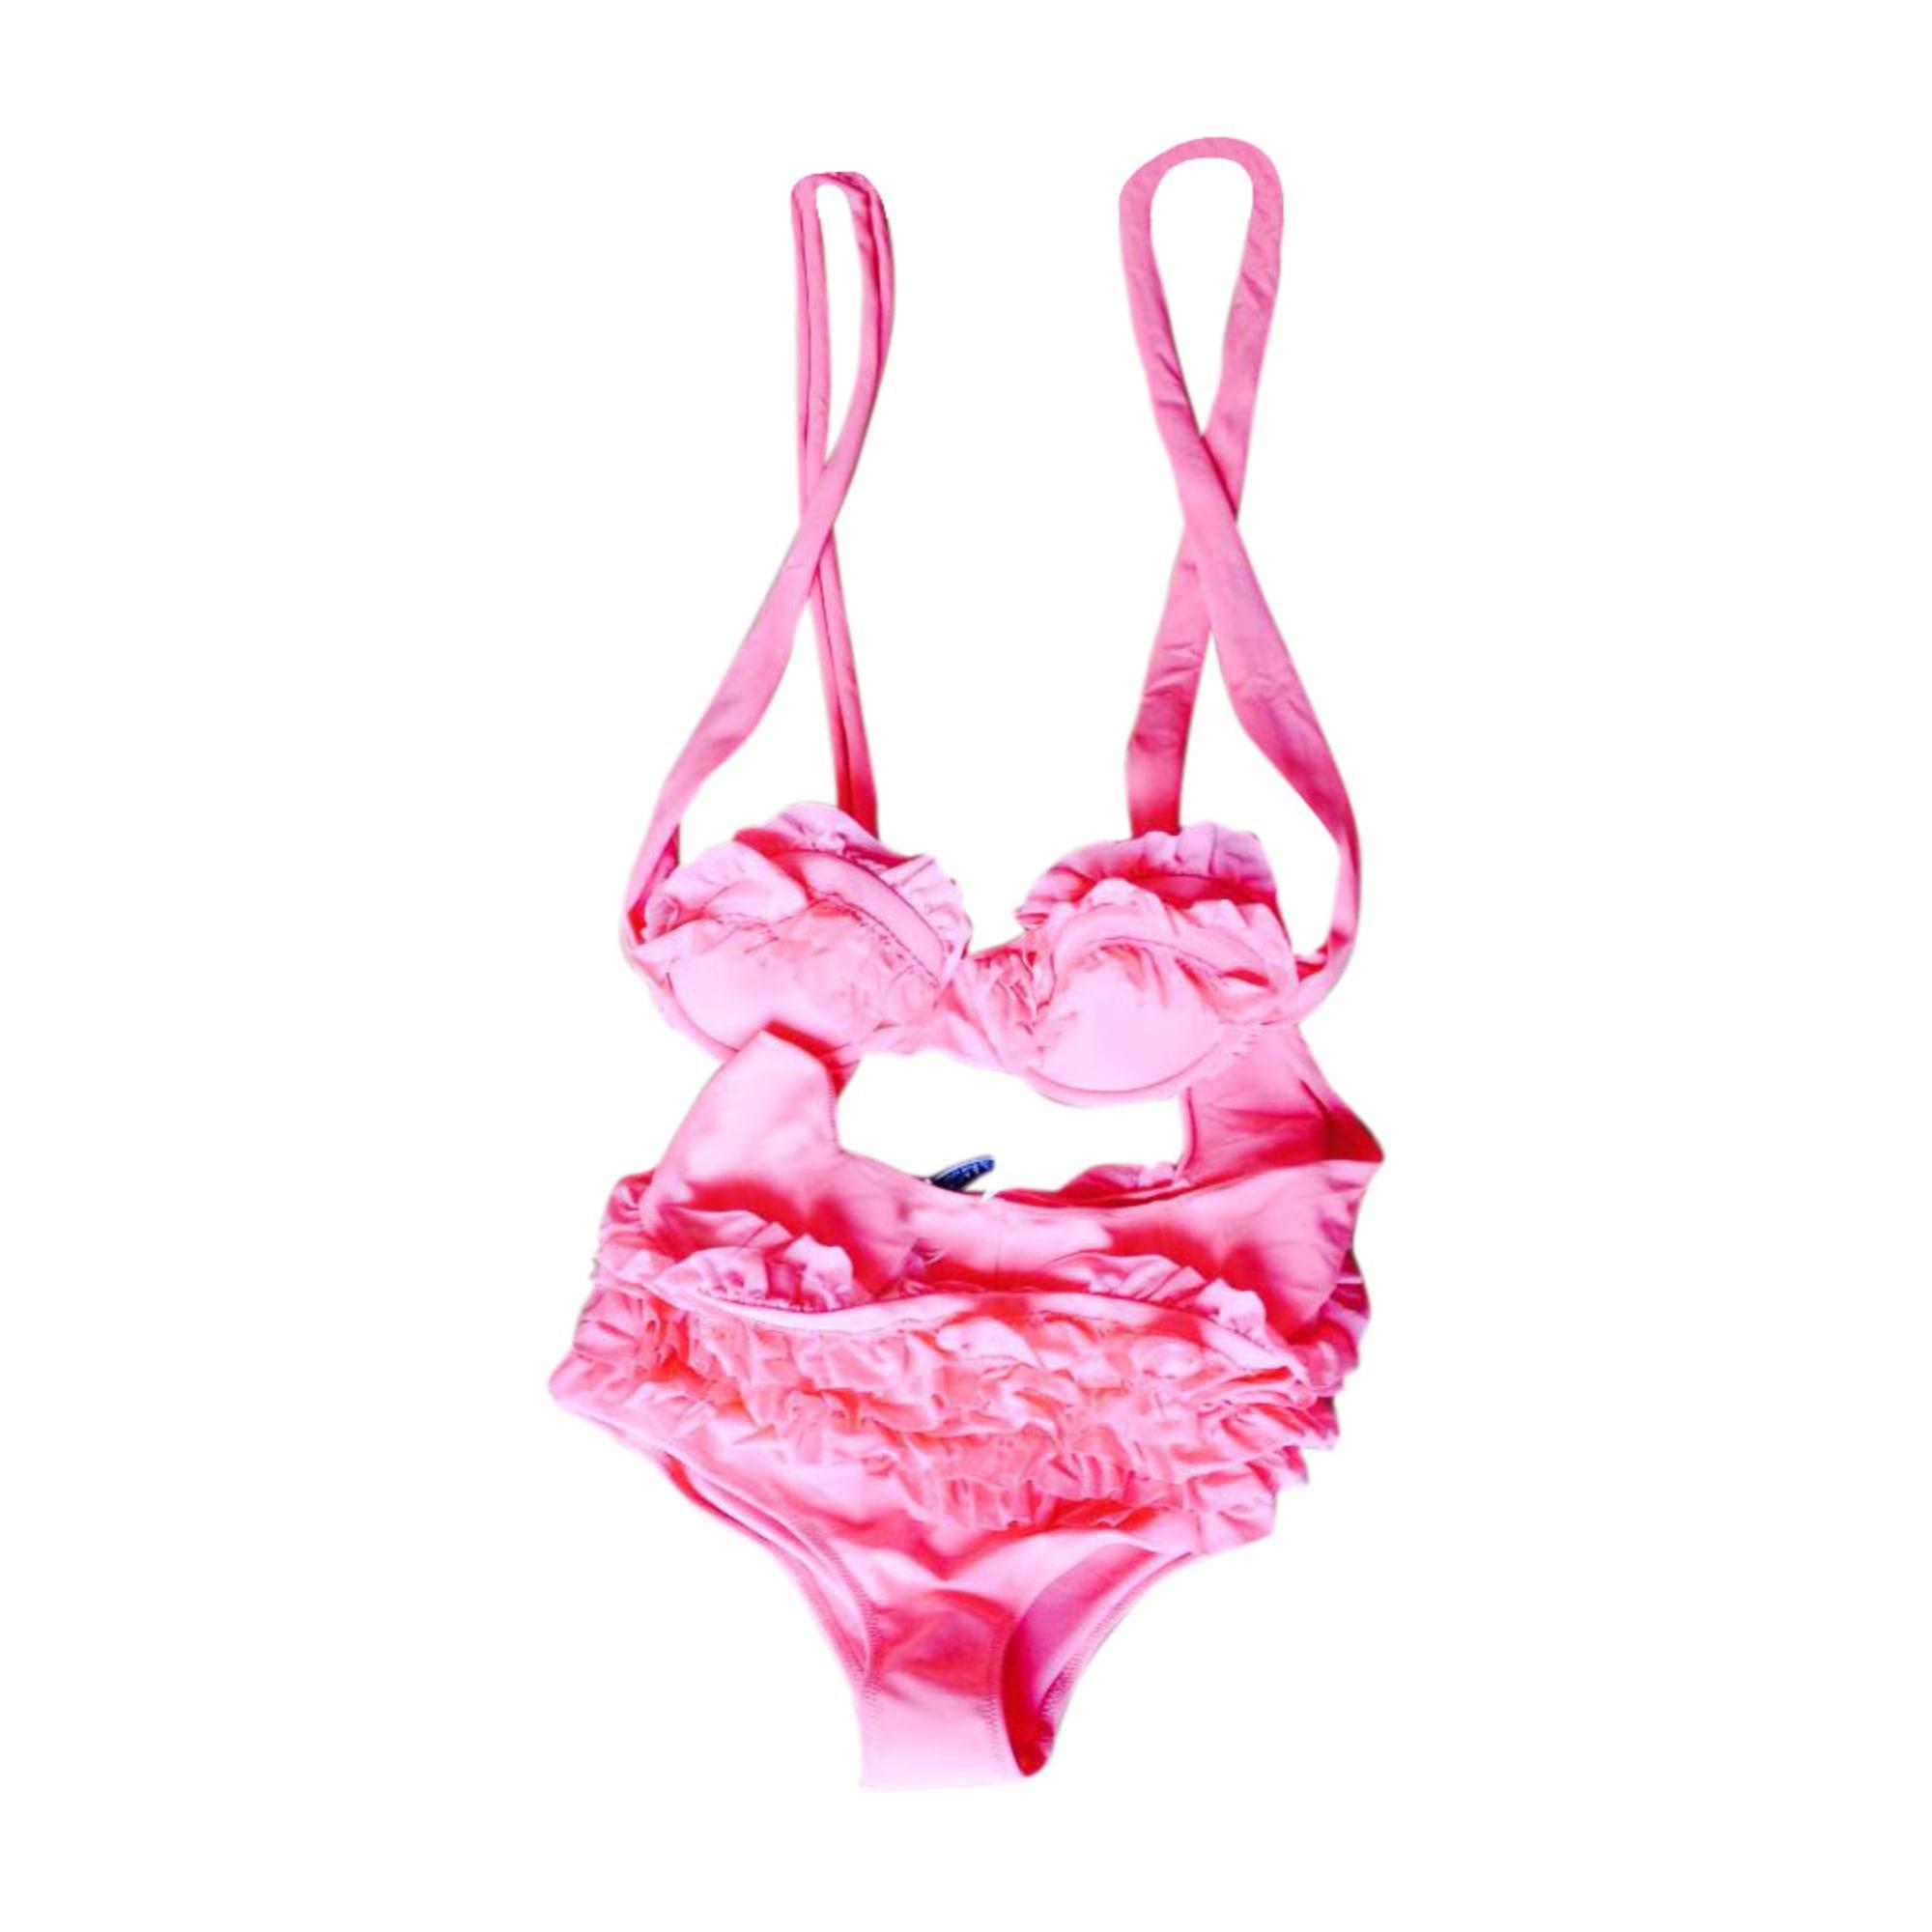 Two Piece Swimsuit NINA RICCI Pink, fuchsia, light pink